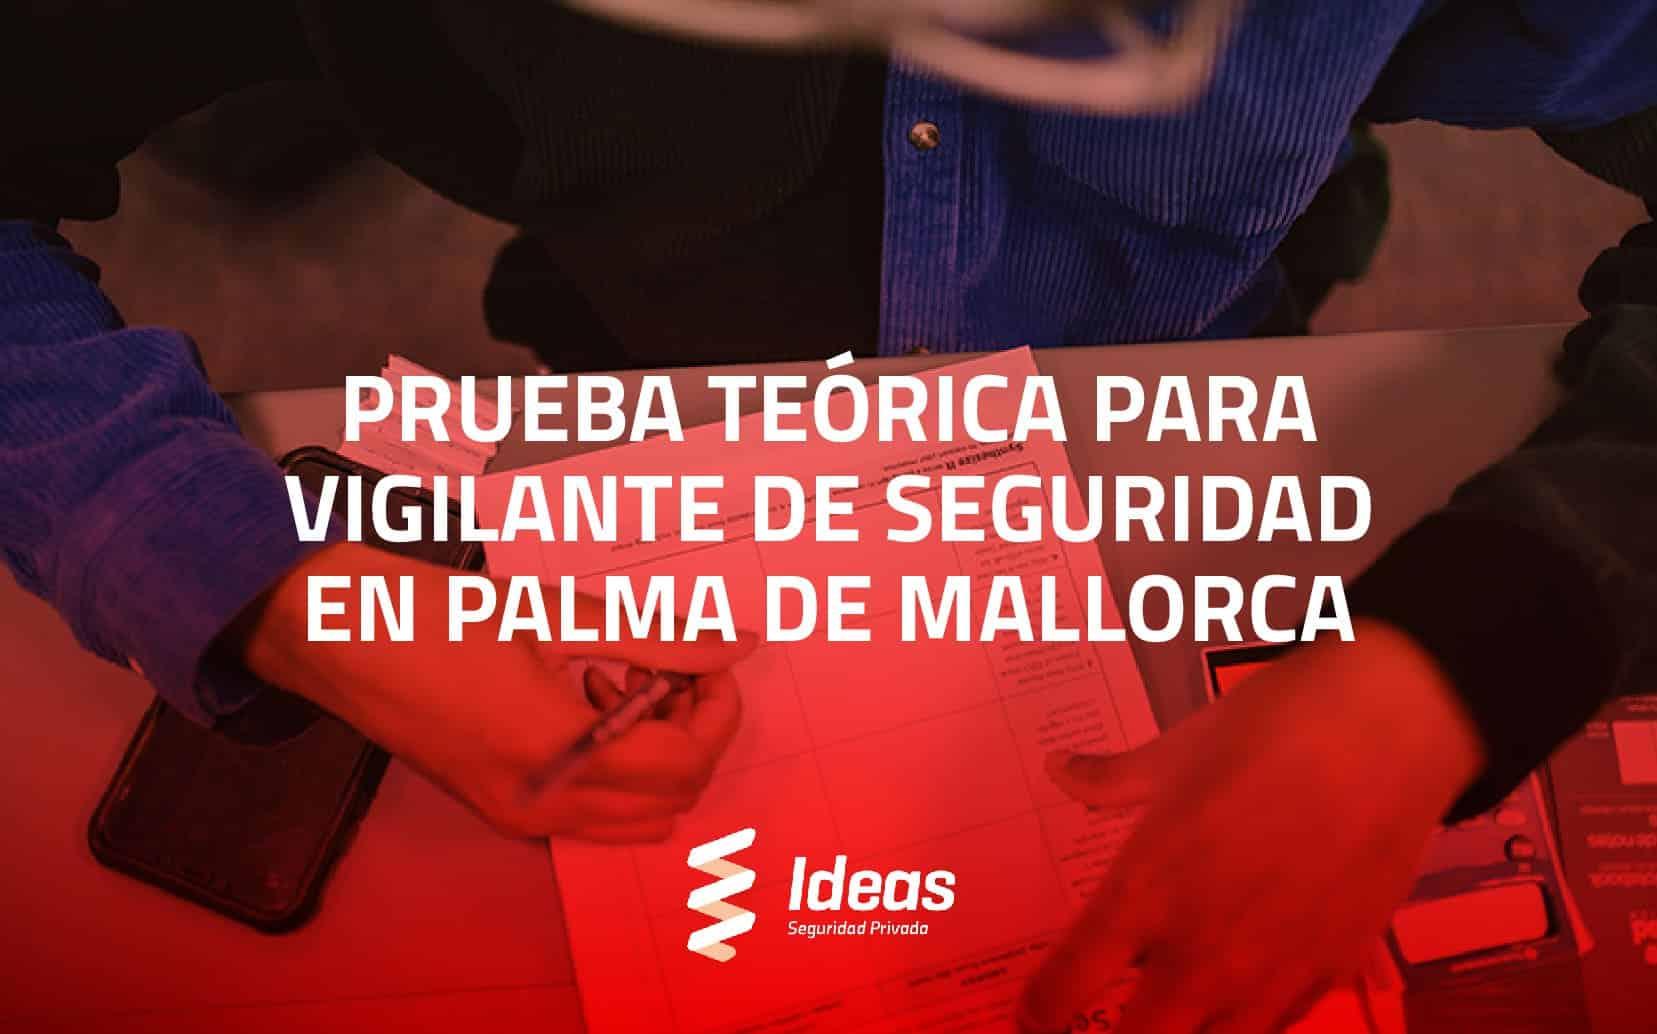 Prueba Teórica para Vigilante de Seguridad en Palma de Mallorca